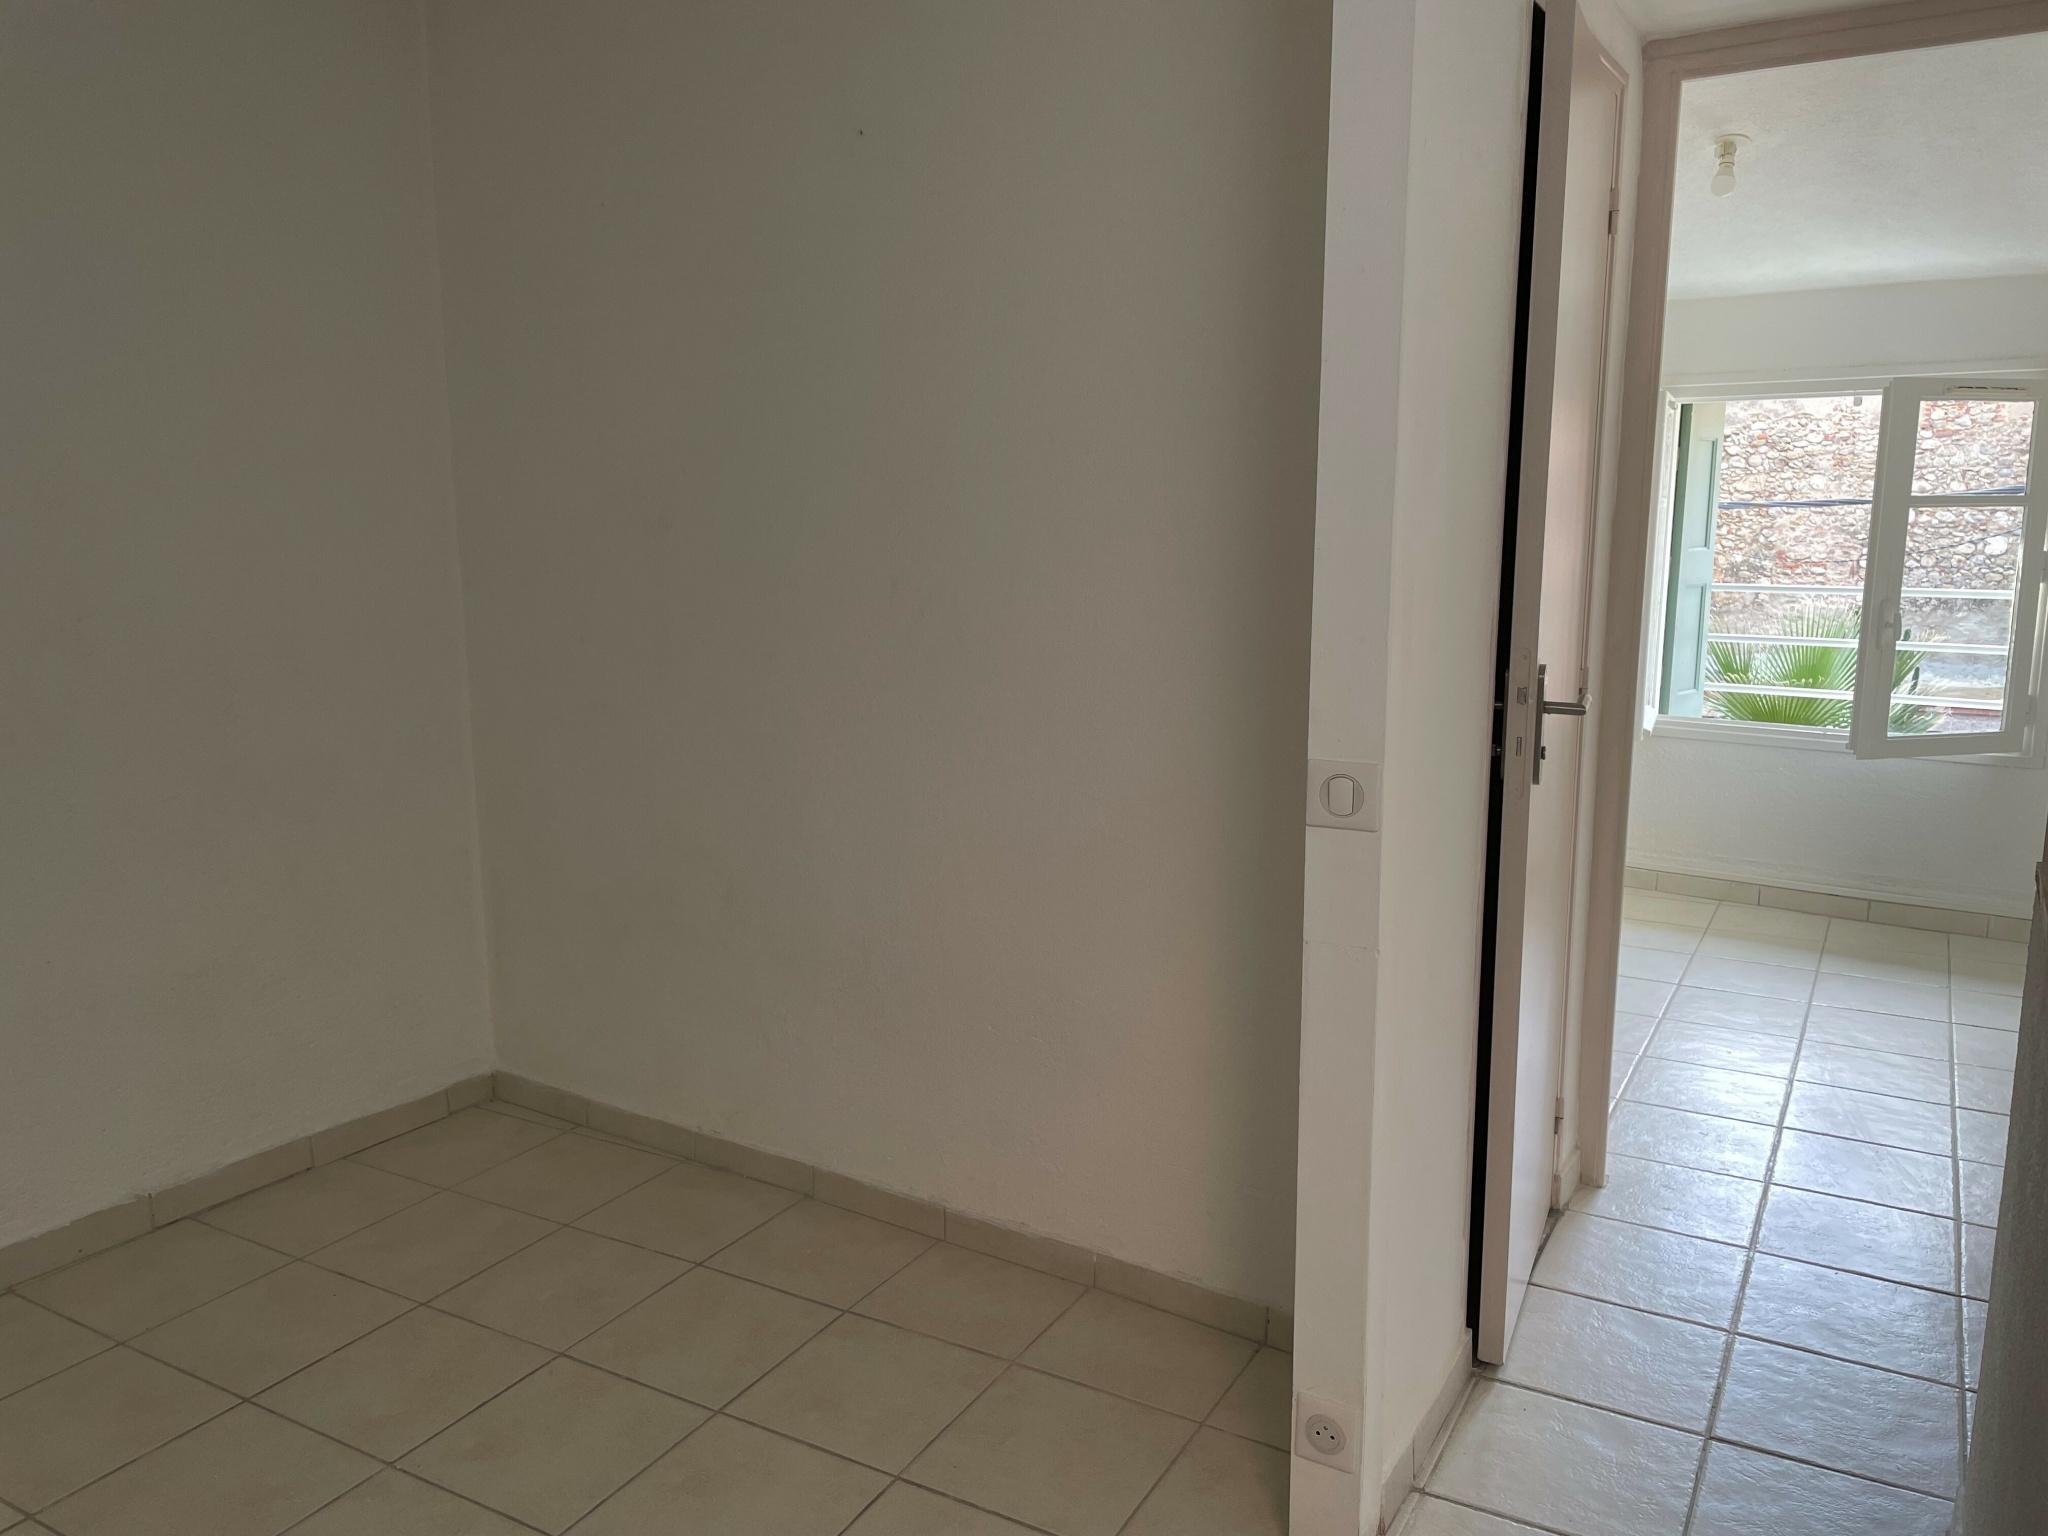 À vendre maison/villa de 41m2 à argeles sur mer (66700) - Photo 15'